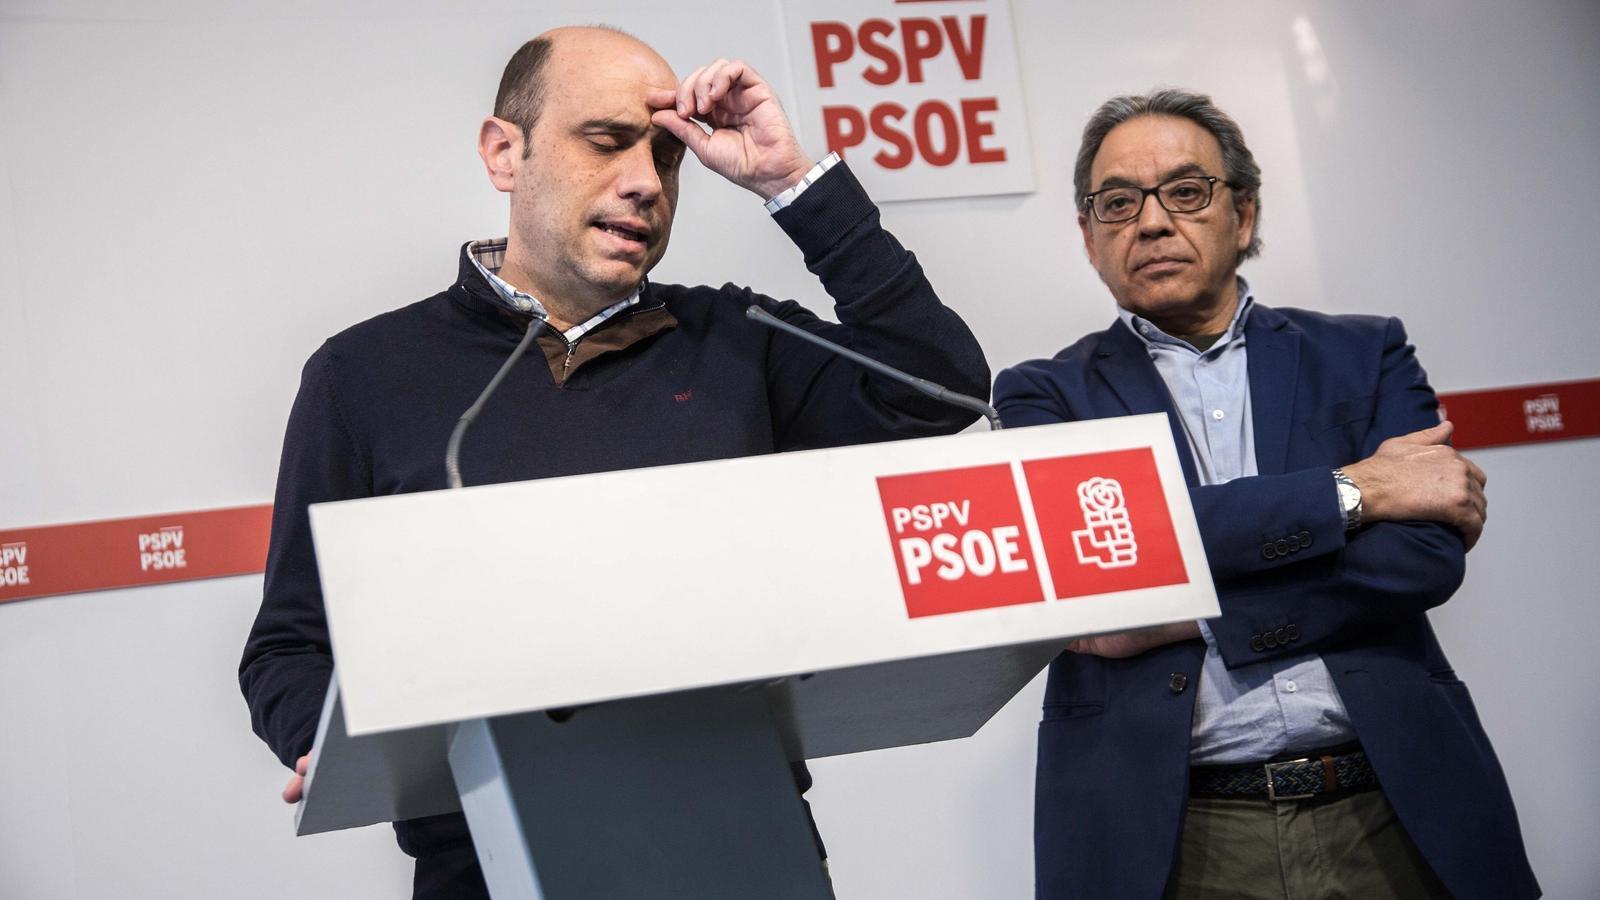 L'encara alcalde d'Alacant, Gabriel Echávarri, acompanyat del vicesecretari del partit, Manolo Mata.